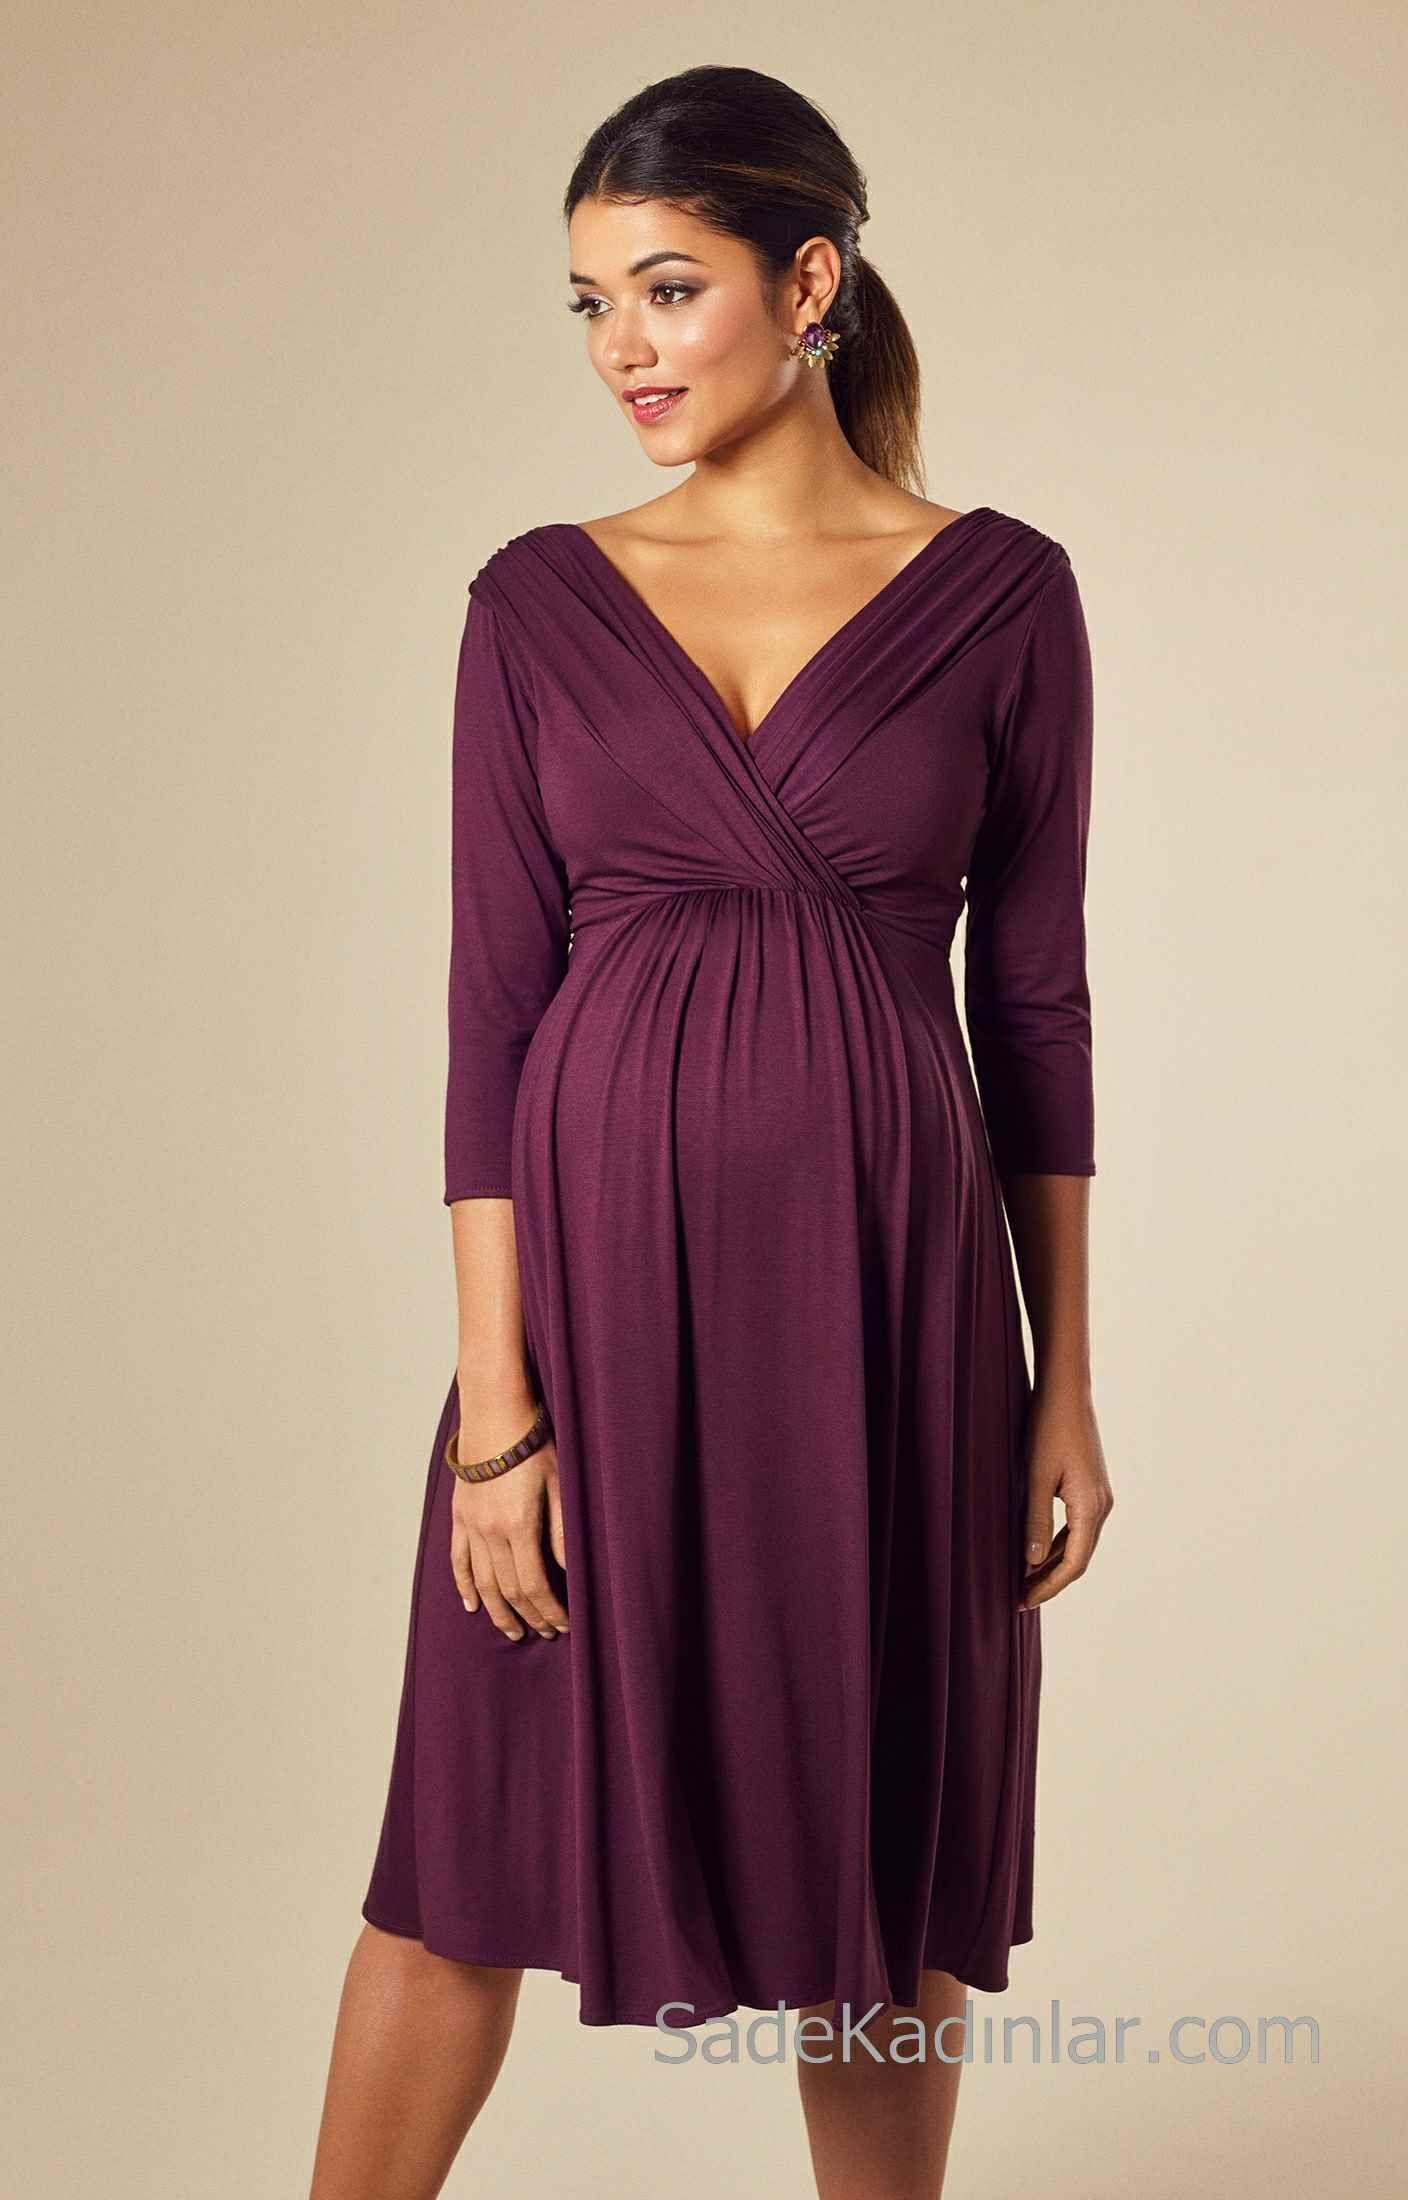 Manches longues FYMNSI Robe de grossesse /él/égante pour femme enceinte Pour un mariage Avec /épaules d/énud/ées En mousseline de soie Pour femme une s/éance photo de grossesse